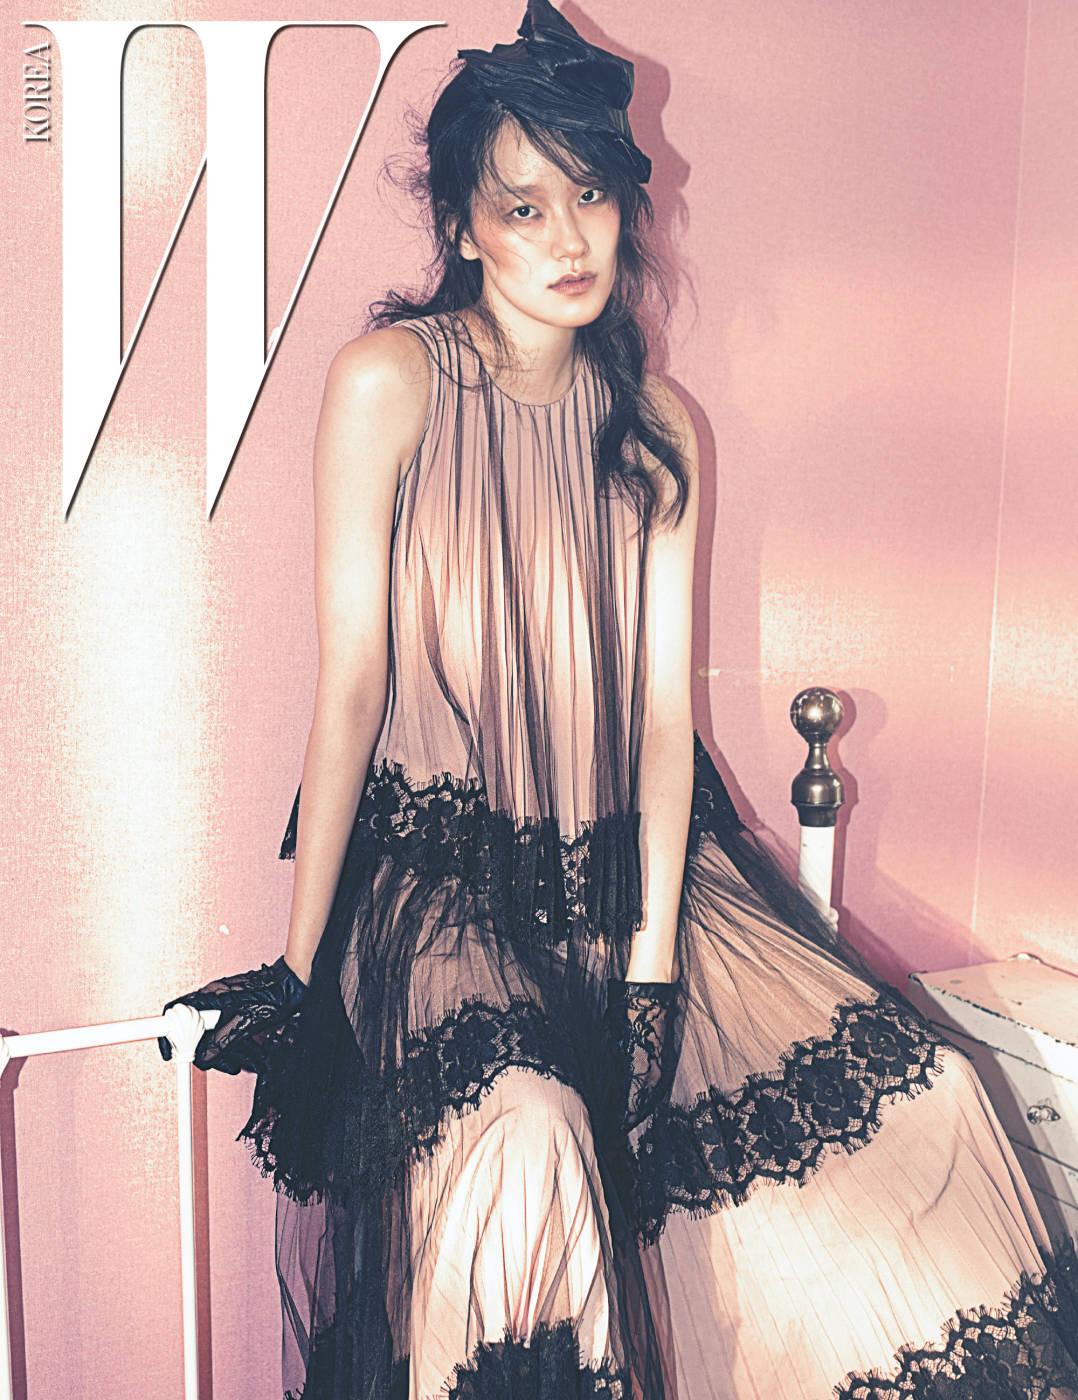 검은색 레이스 장식 튤을 덧댄 연분홍 드레스는 Christopher Kane 제품.